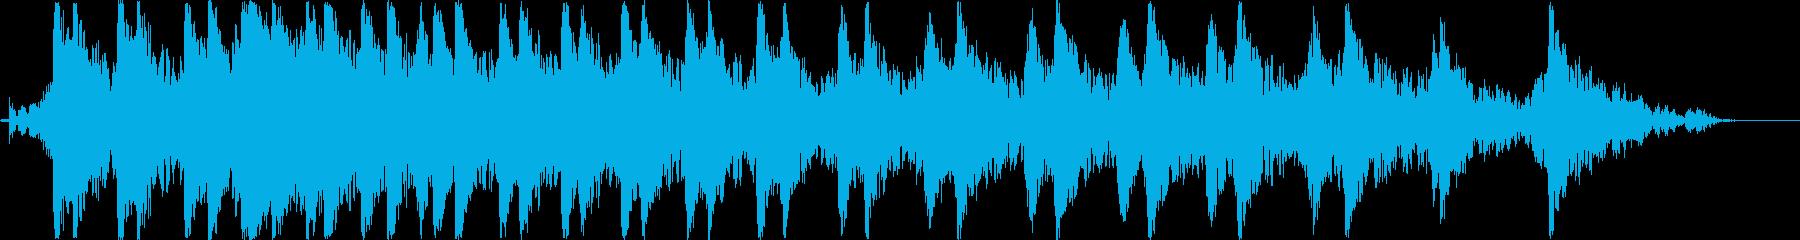 バイク・チェーンソーのエンジン音(B)の再生済みの波形